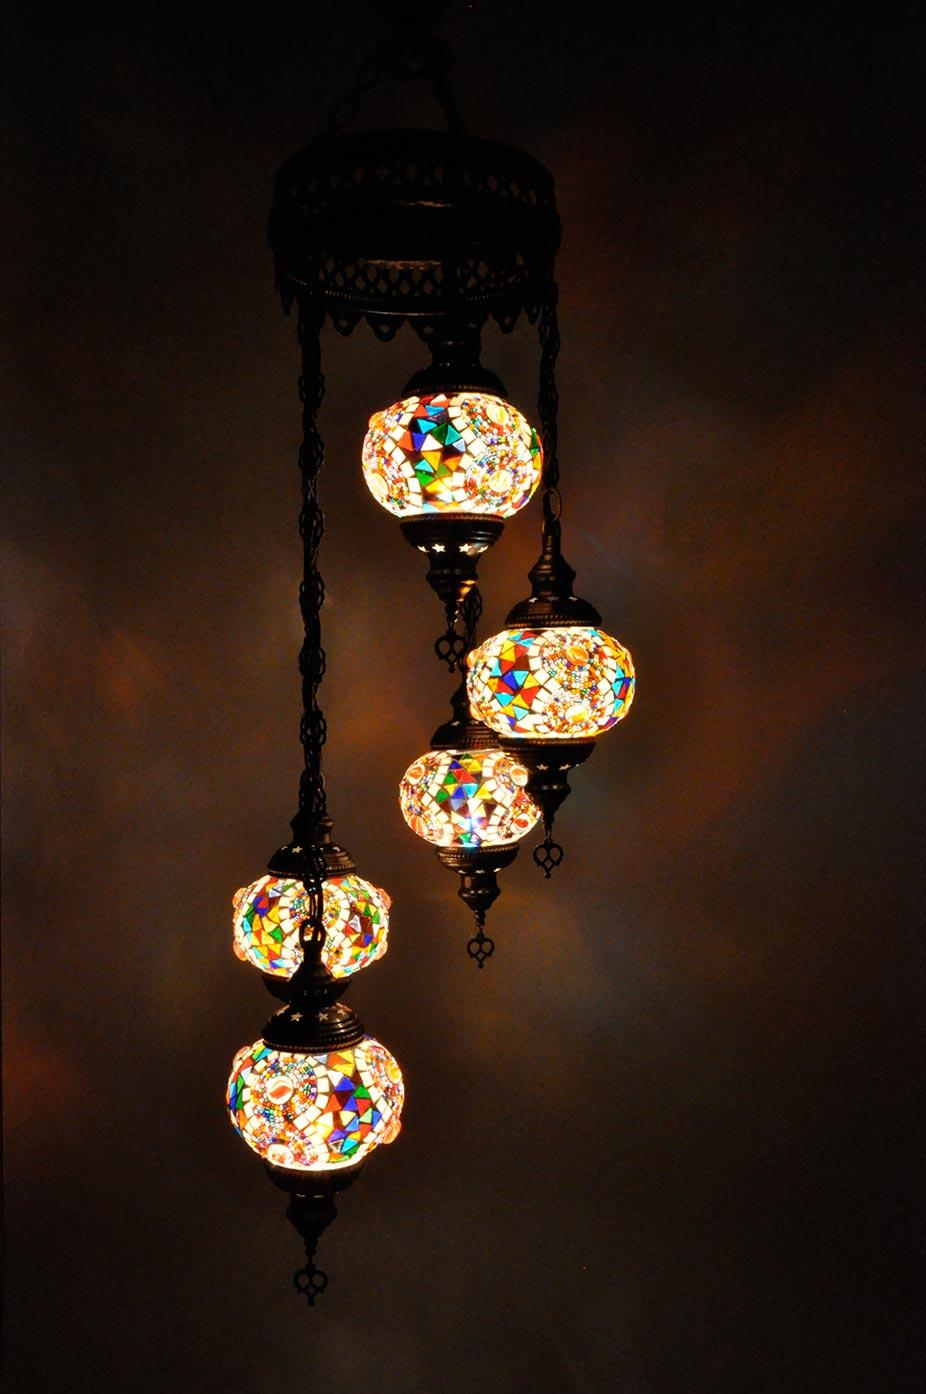 Lampe turque suspendue avec 5 globes mosaïque en spirale